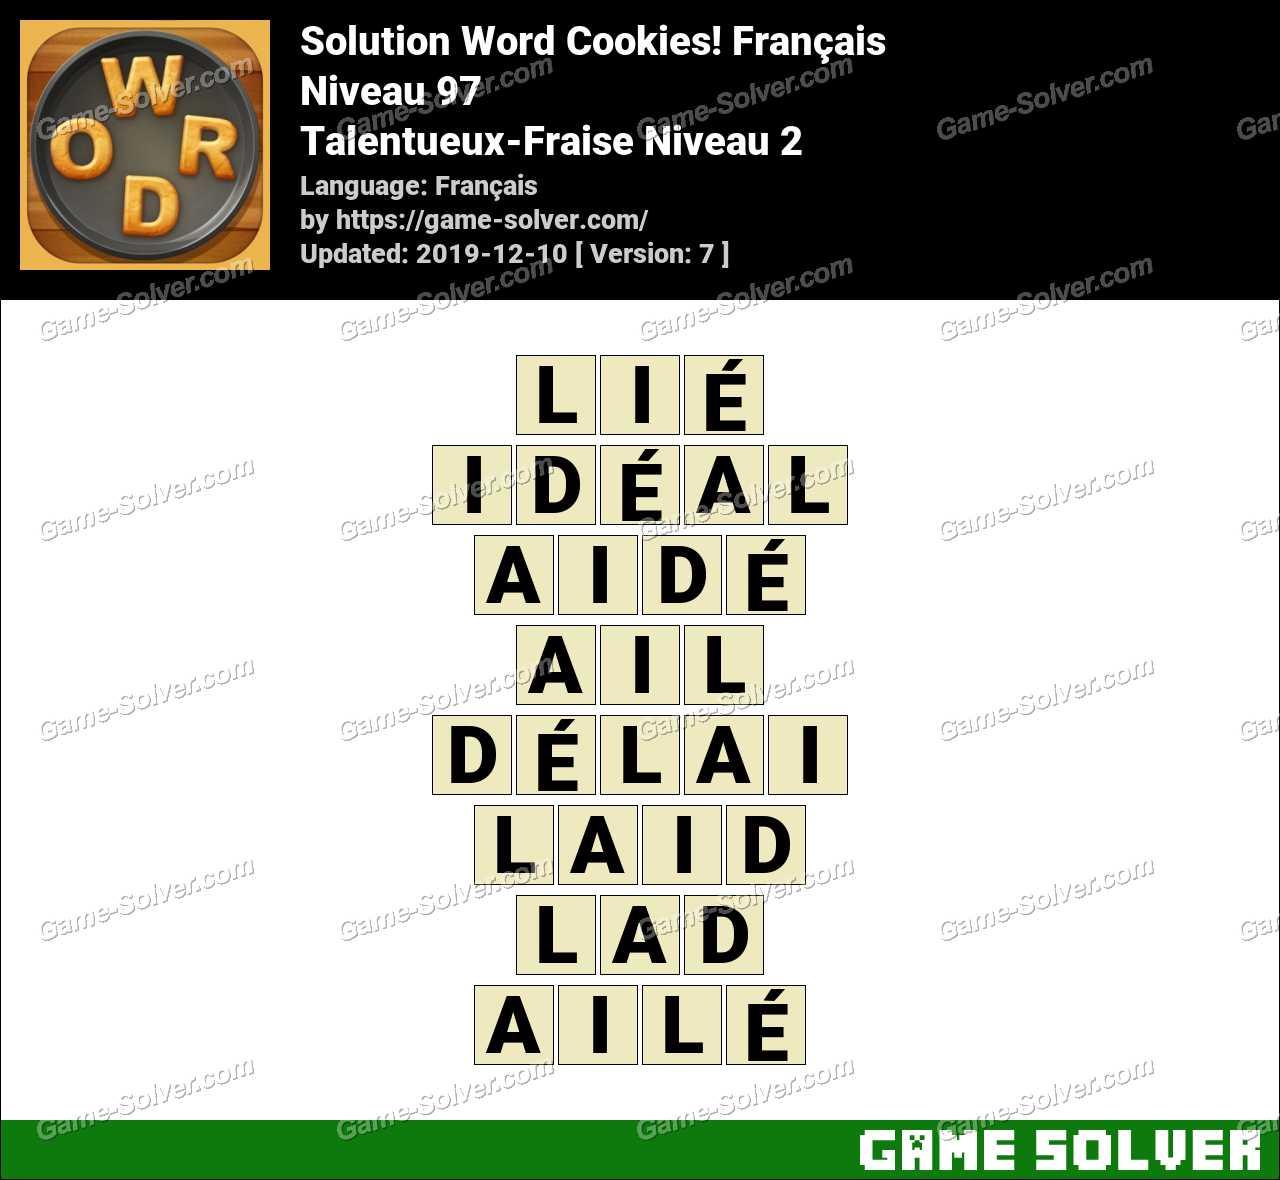 Solution Word Cookies Talentueux-Fraise Niveau 2